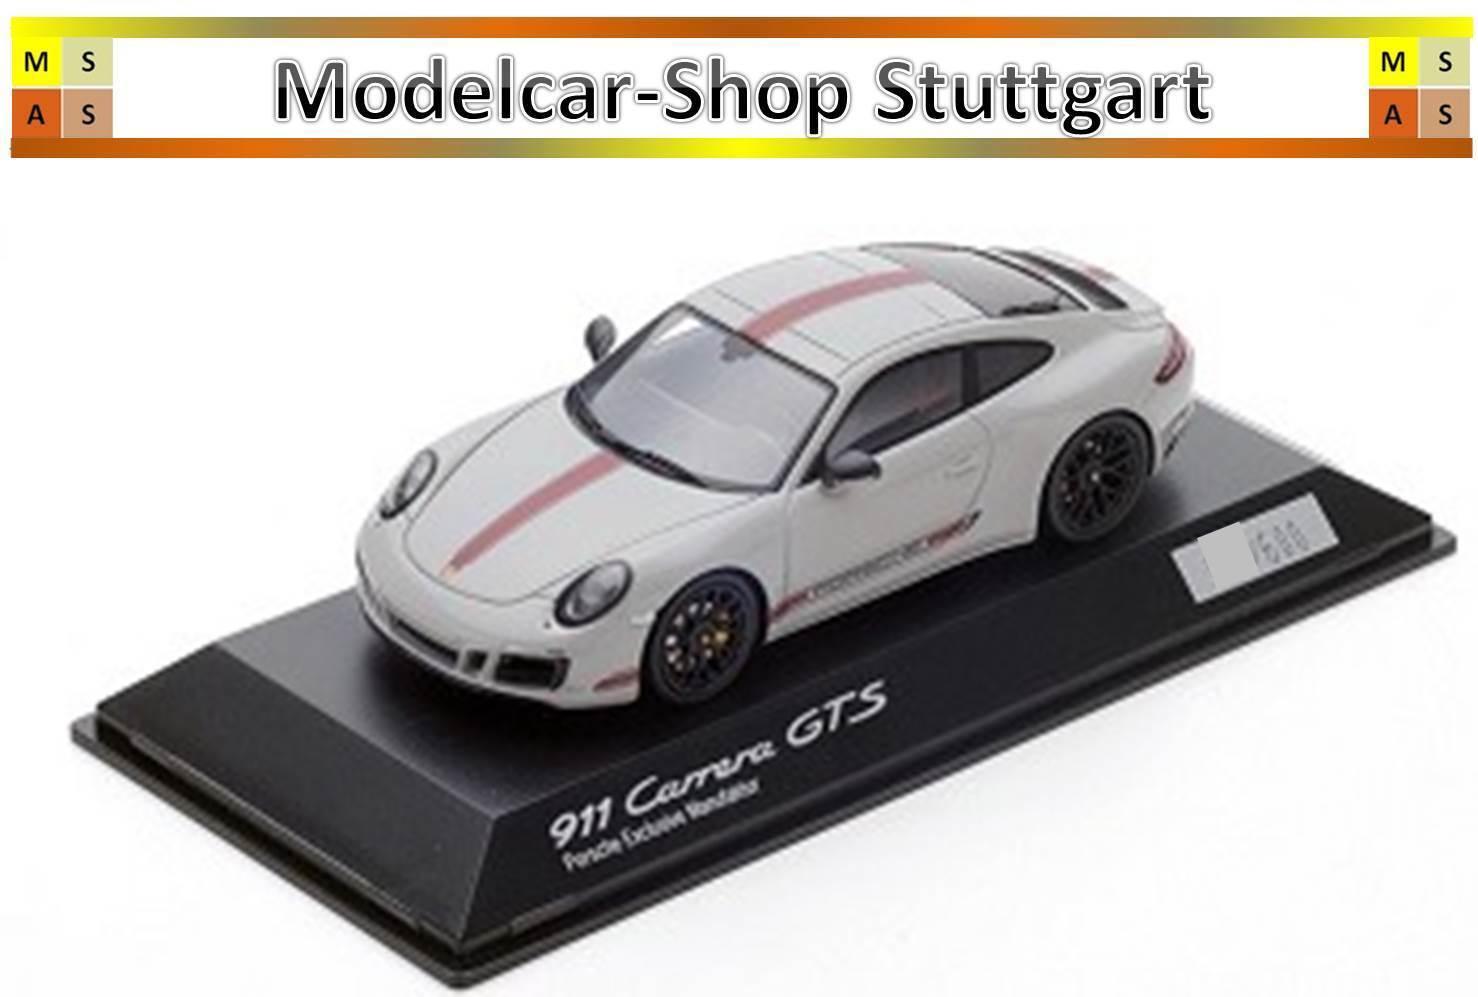 Porsche 911  (991II) voiturerera GTS Créme Excl.hommeufaktur Ltd.Edition 600 Spark 1 43  prix bas 40%